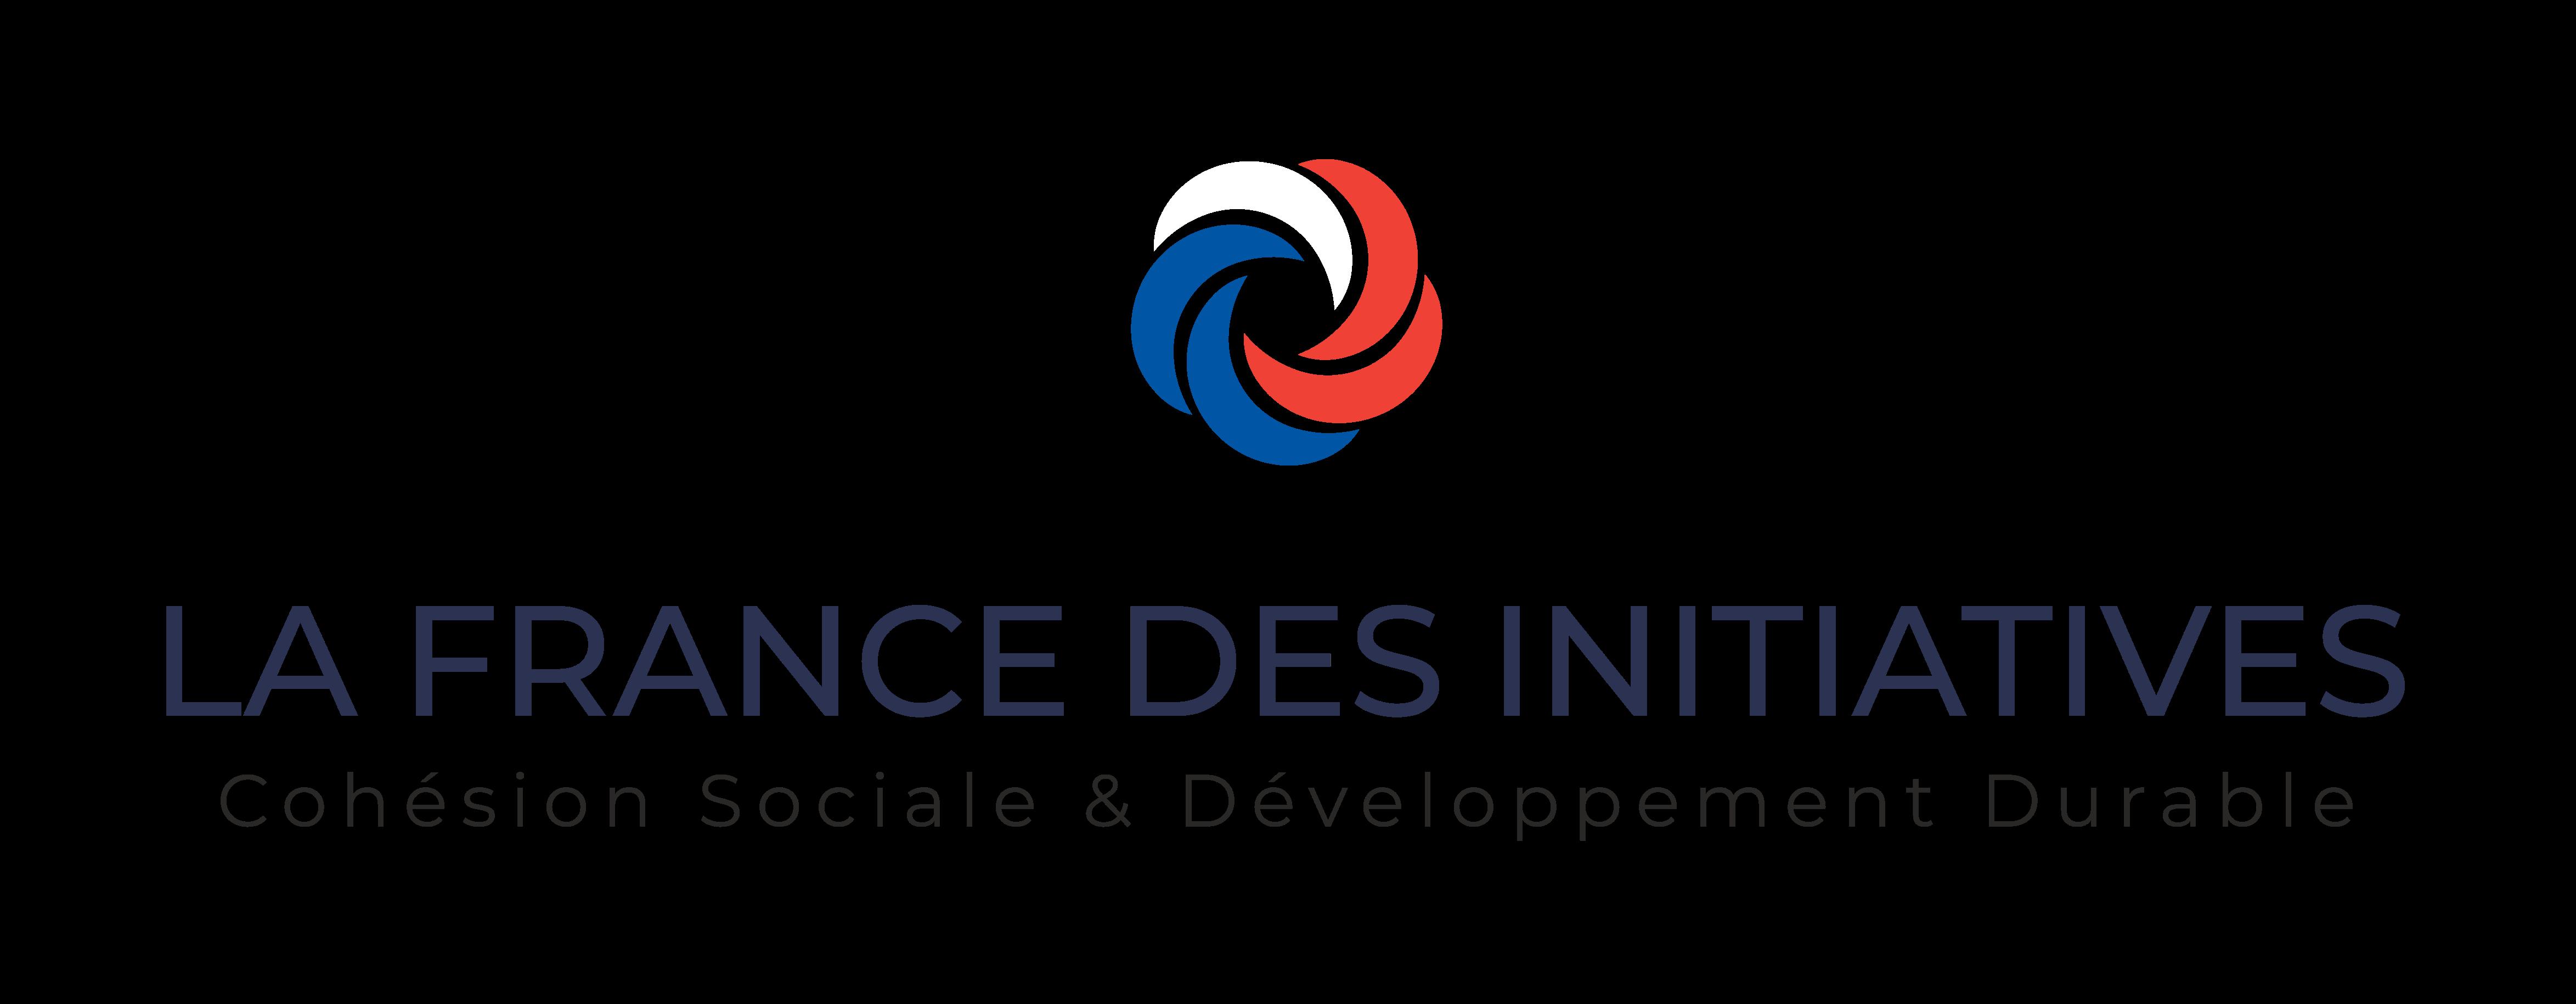 La France Des Initiatives